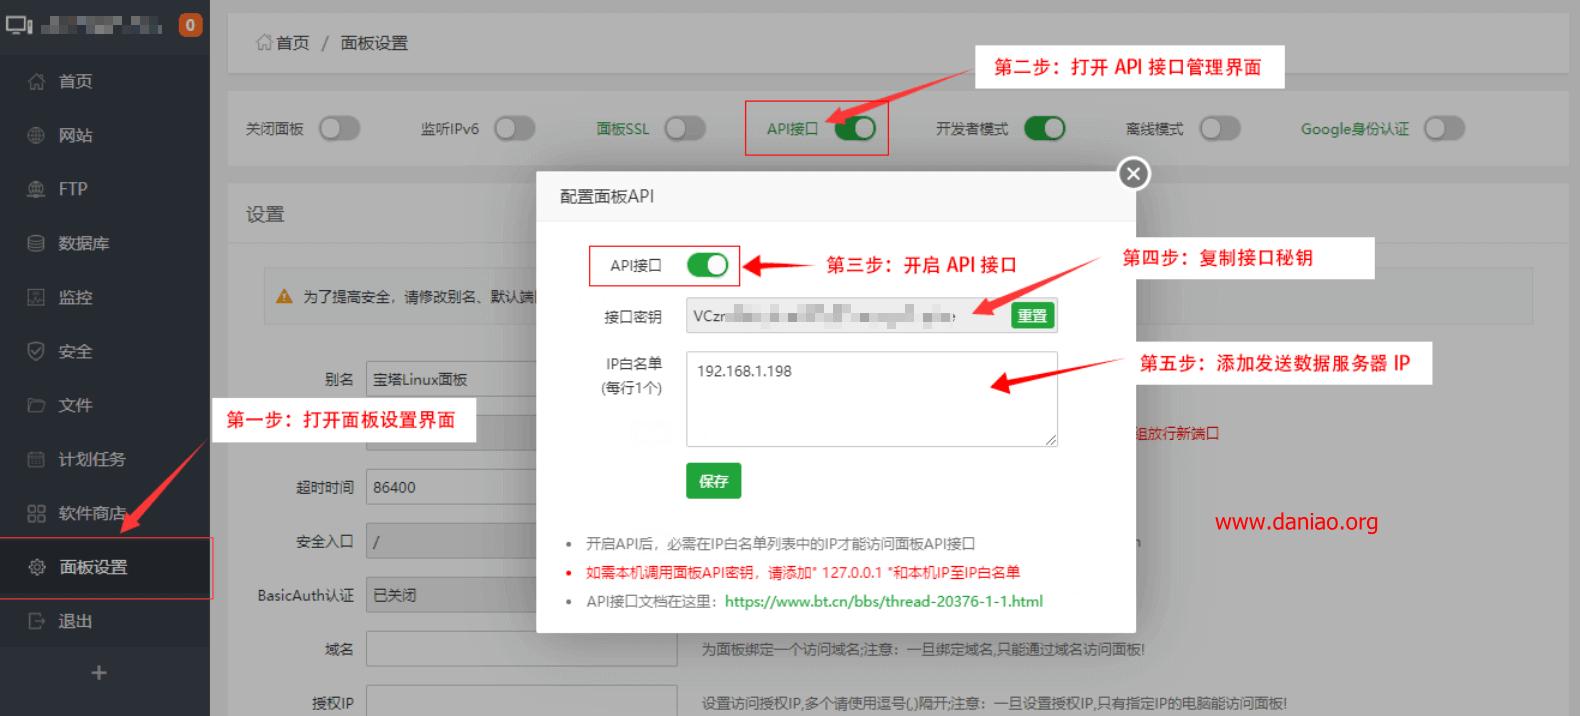 6080一键迁移API版本使用教程 - 快速搬家的好帮手